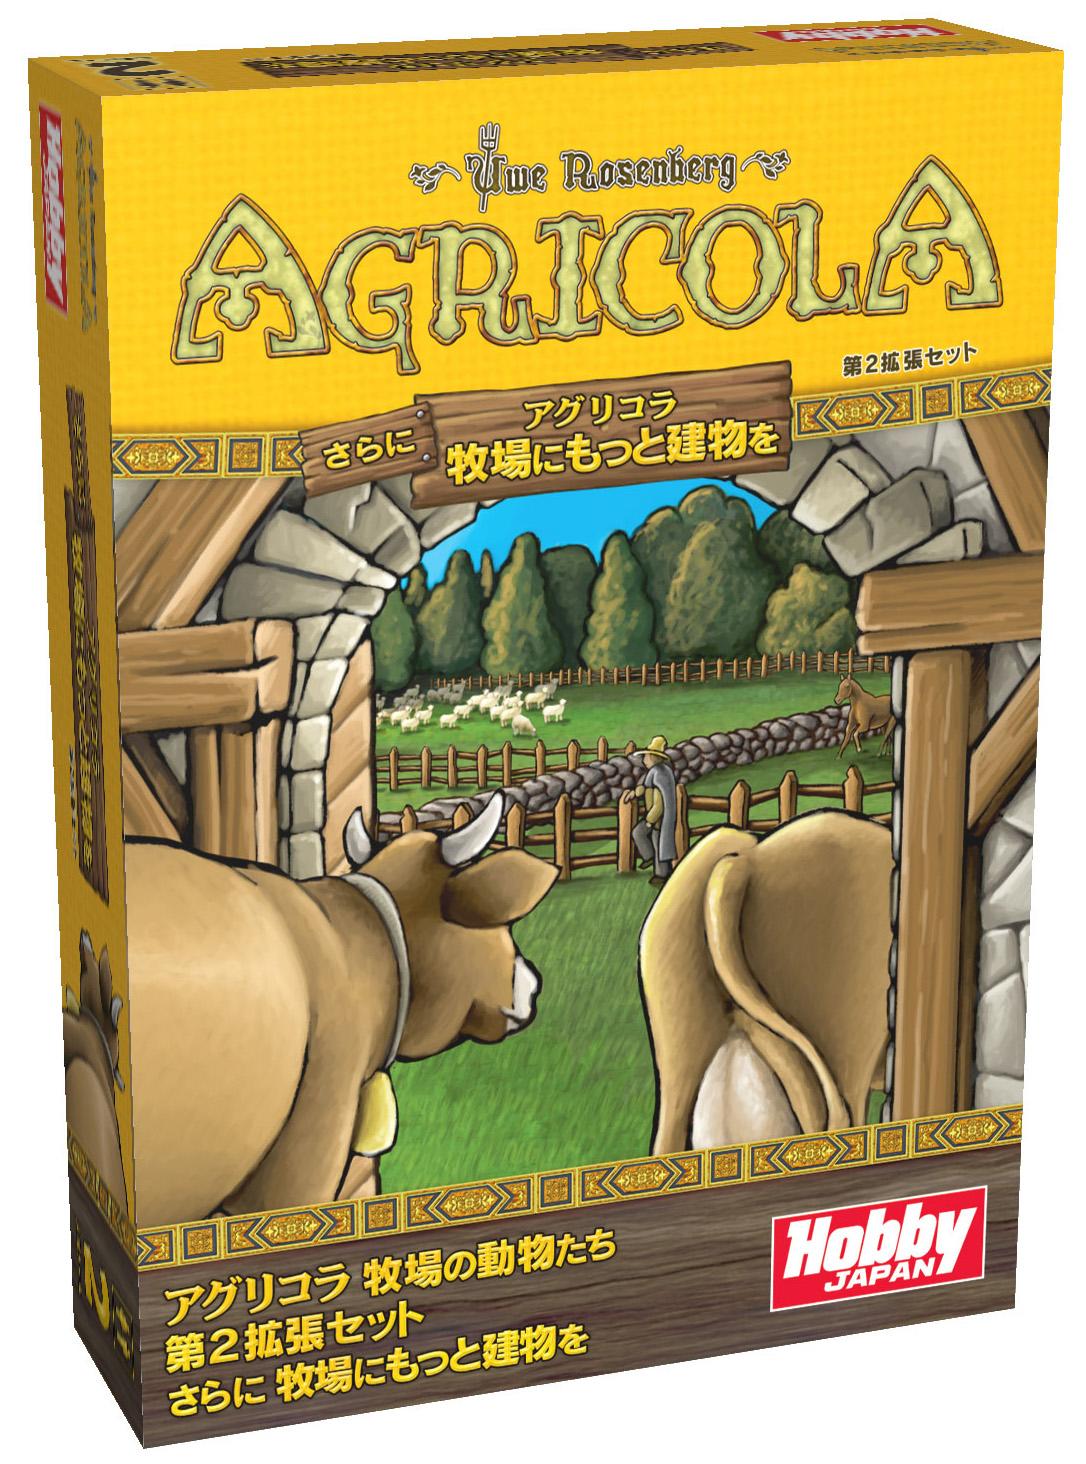 2人用ボードゲーム「アグリコラ:牧場の動物たち」第2拡張セット 「アグリコラ:さらに牧場にもっと建物を」日本語版 8月上旬発売予定